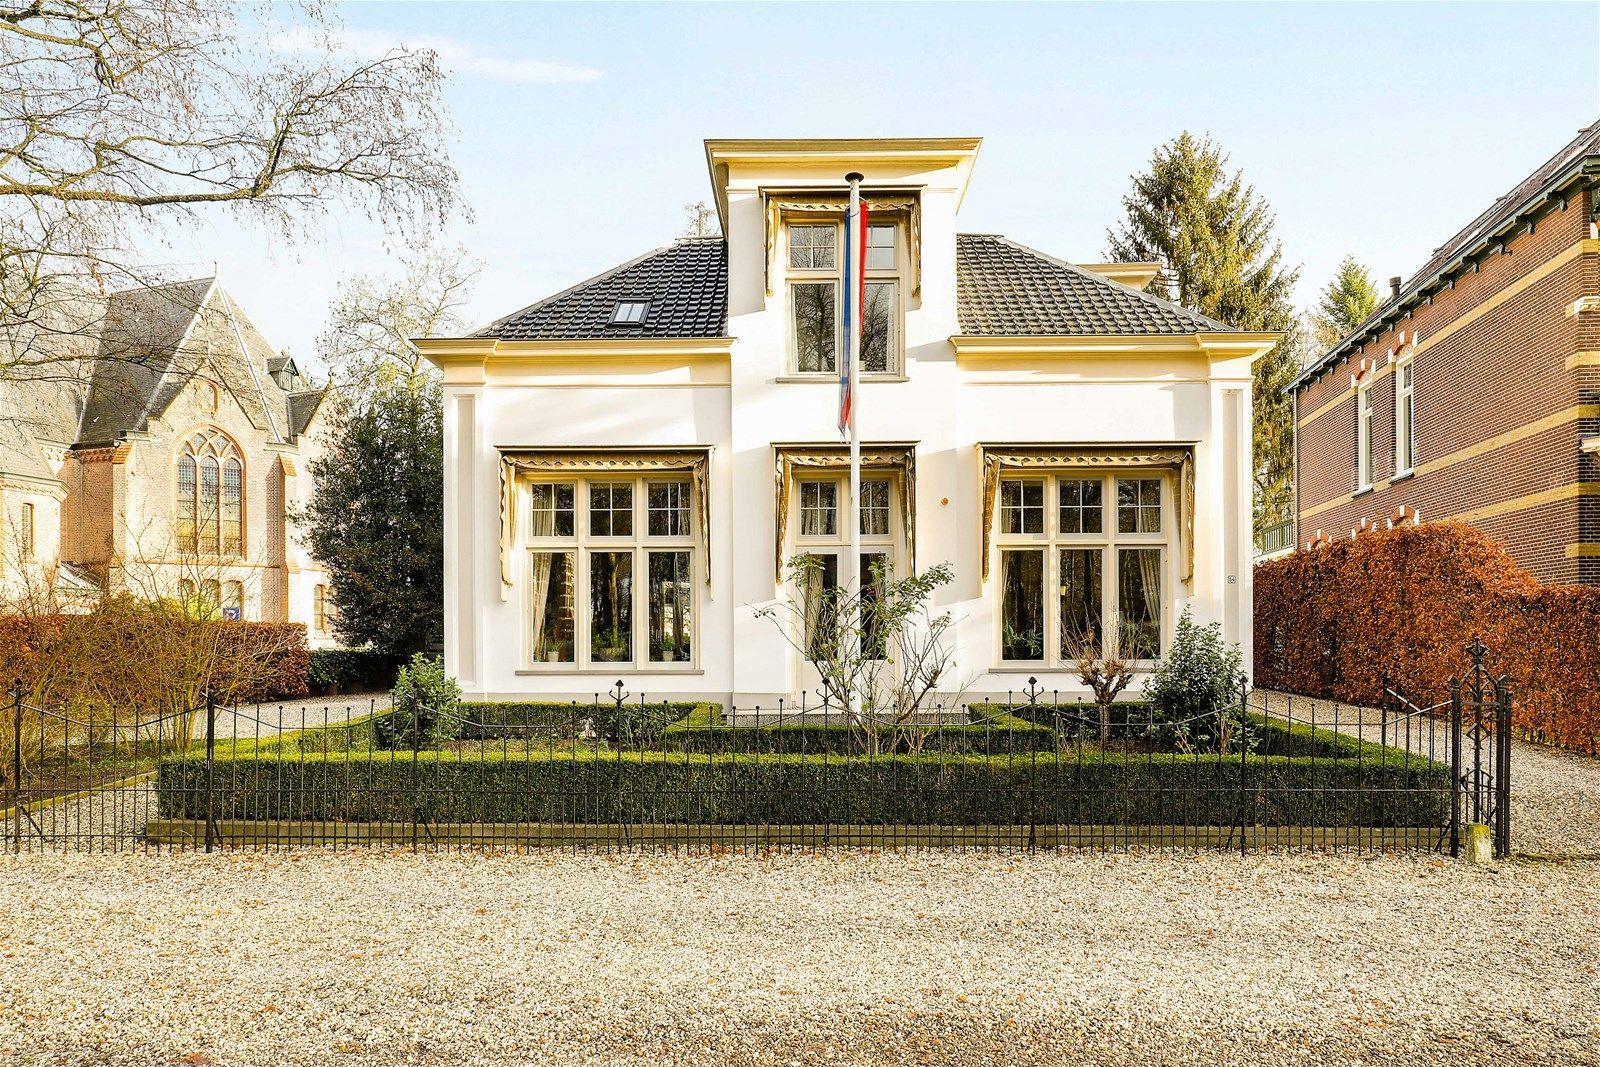 Loolaan 34, Apeldoorn